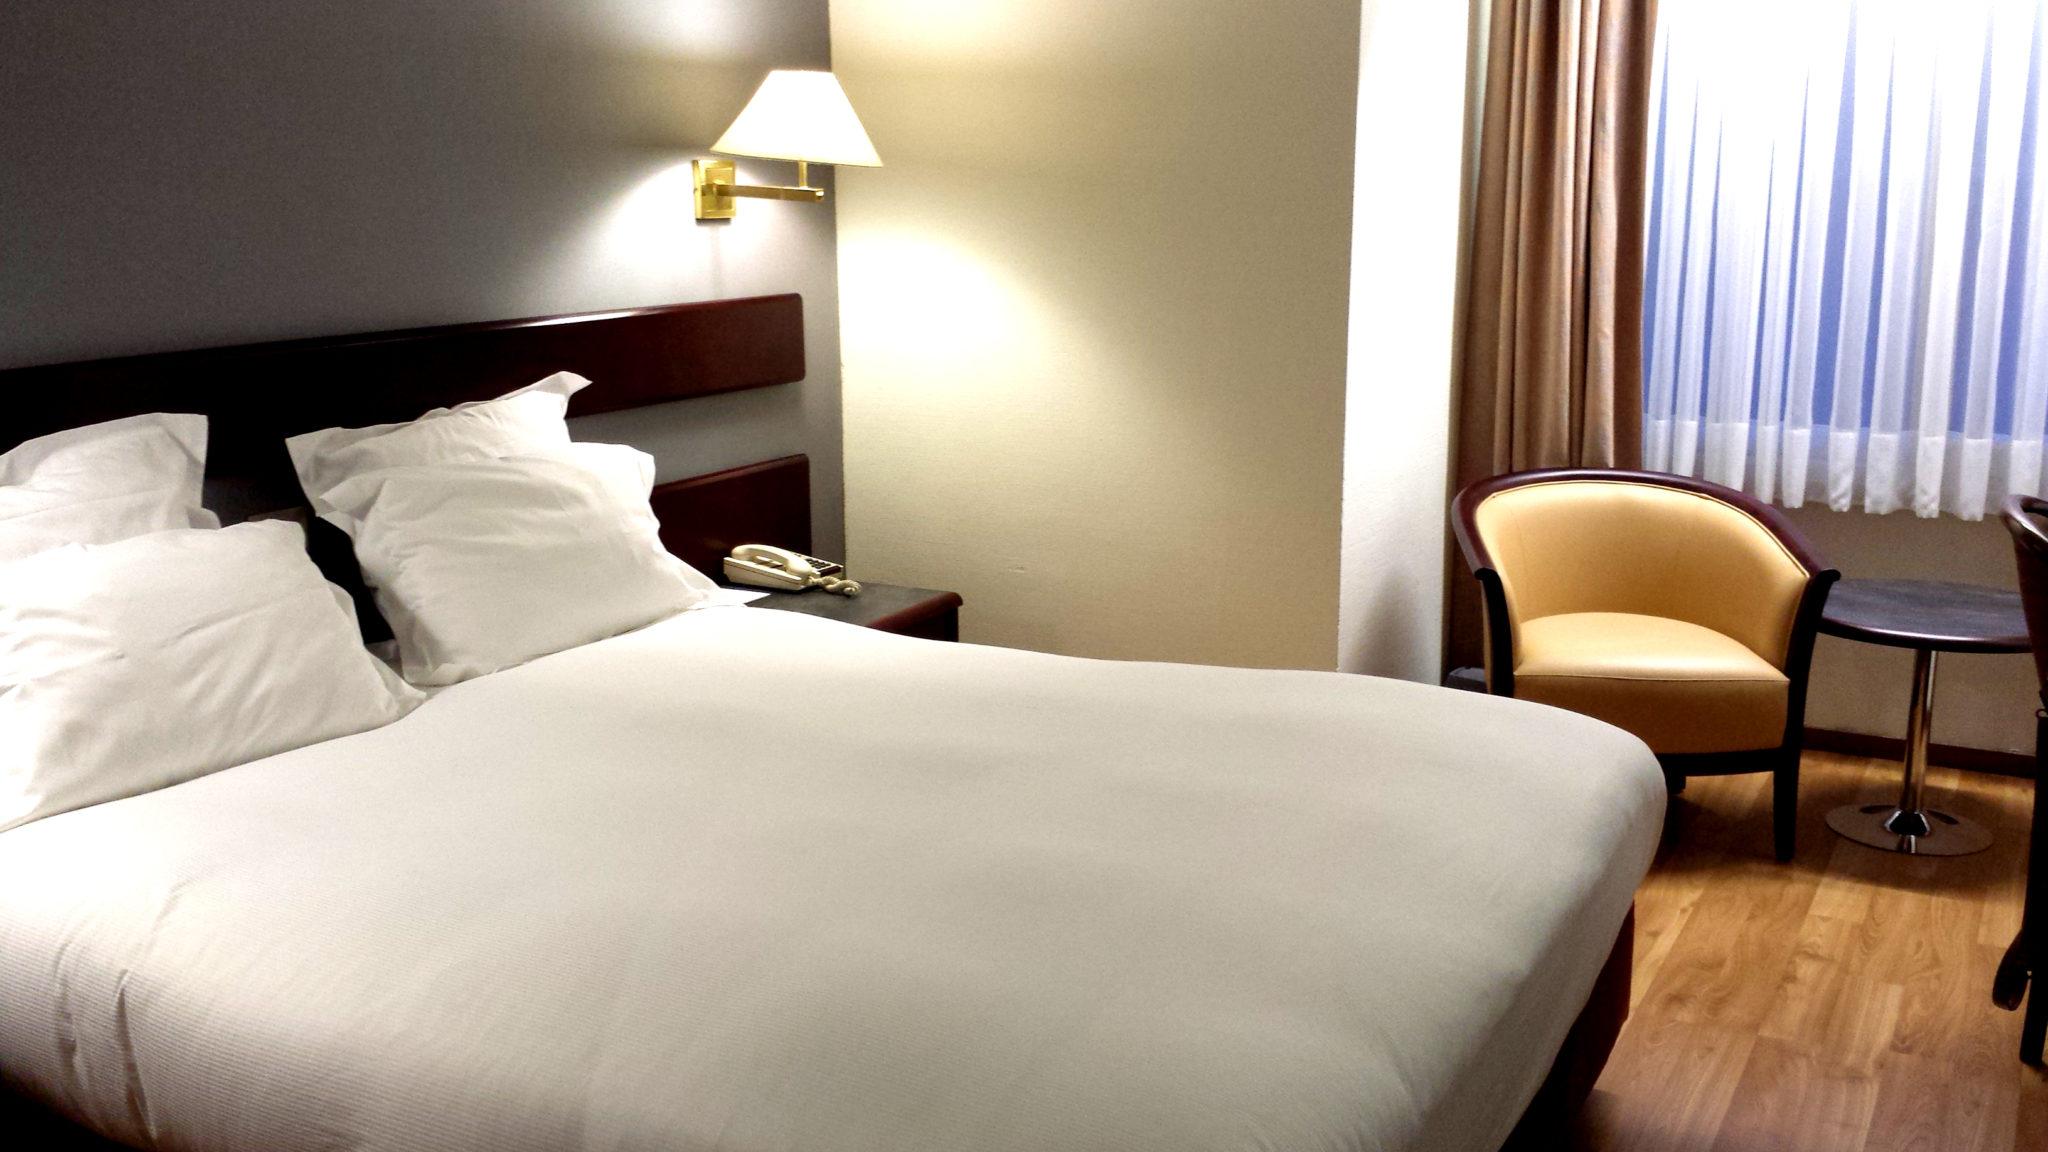 Hema_Bruxelles_bonnes_adresses_bedford_hotel_chambre